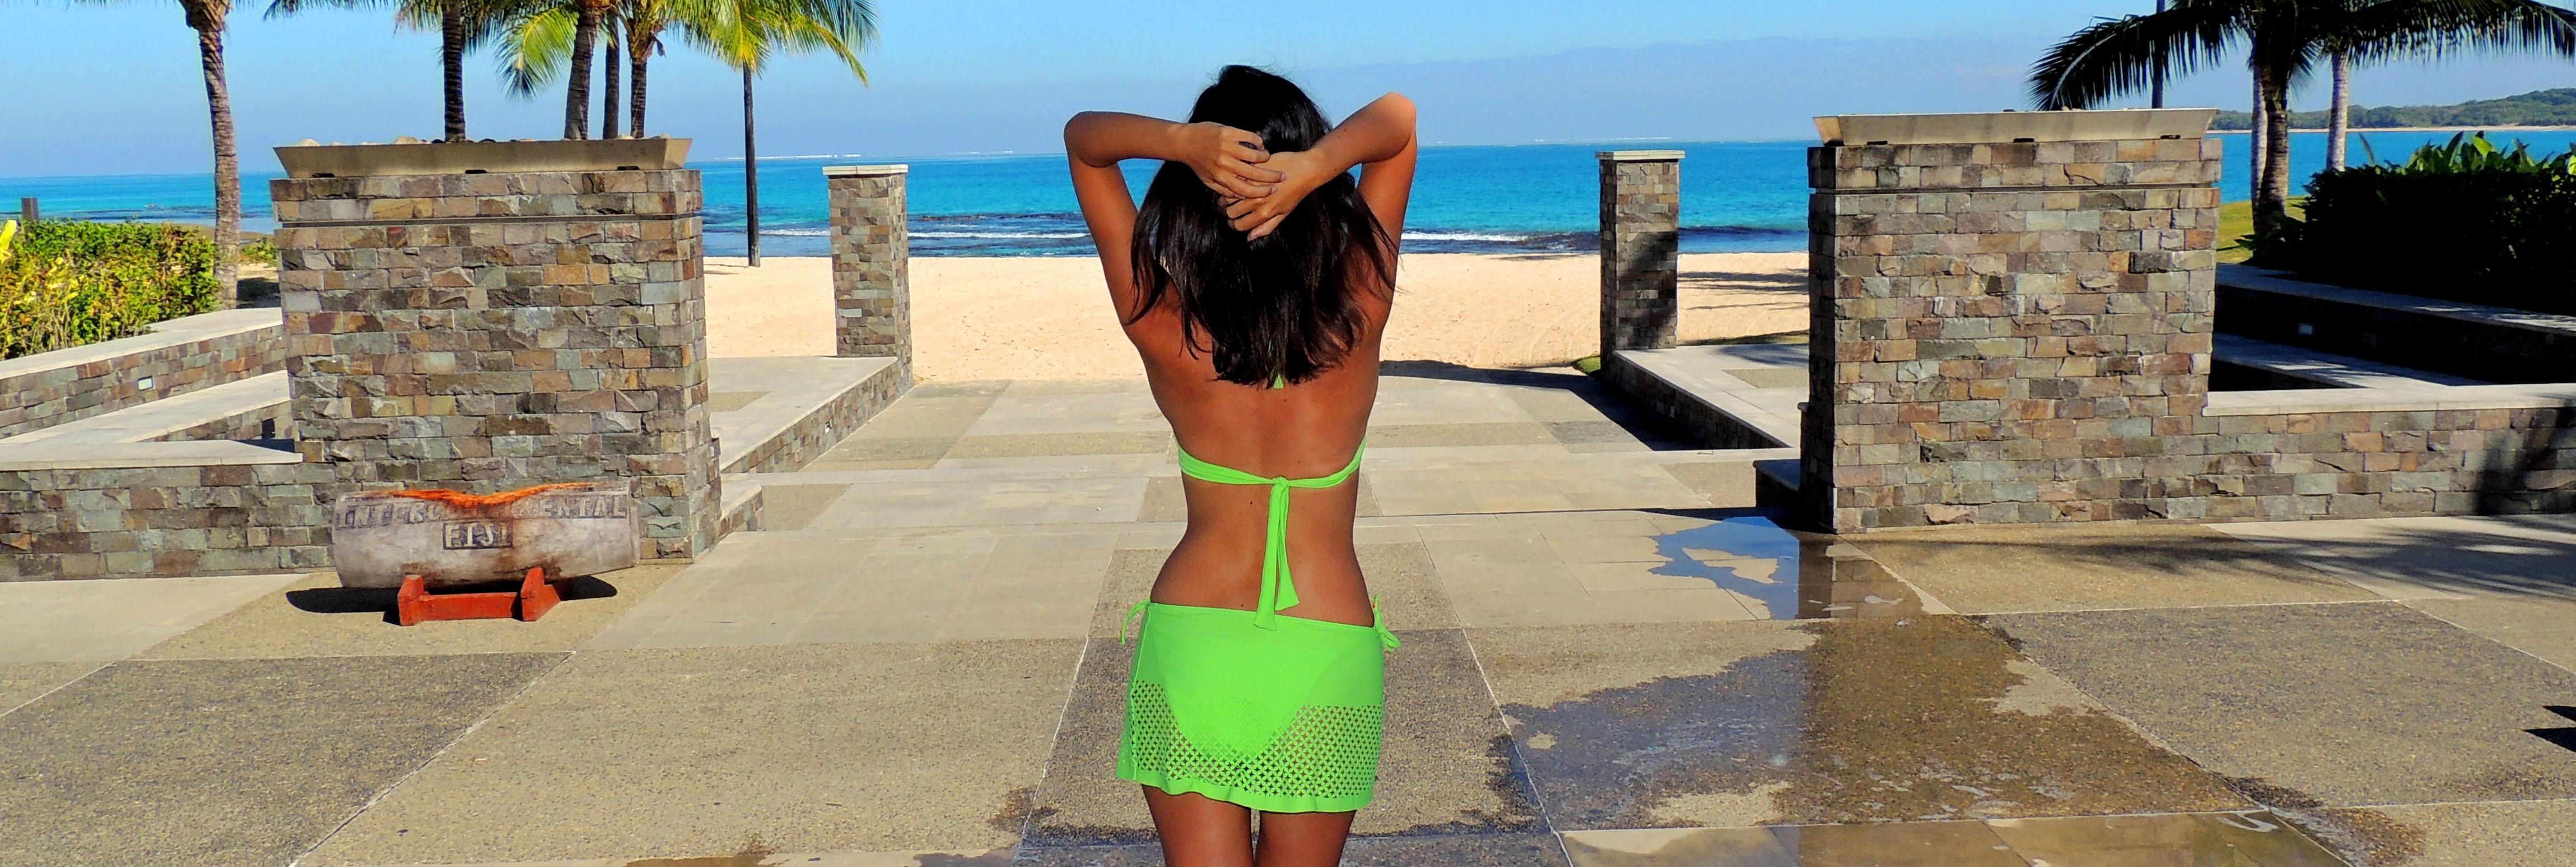 Bikini Mode in Fiji